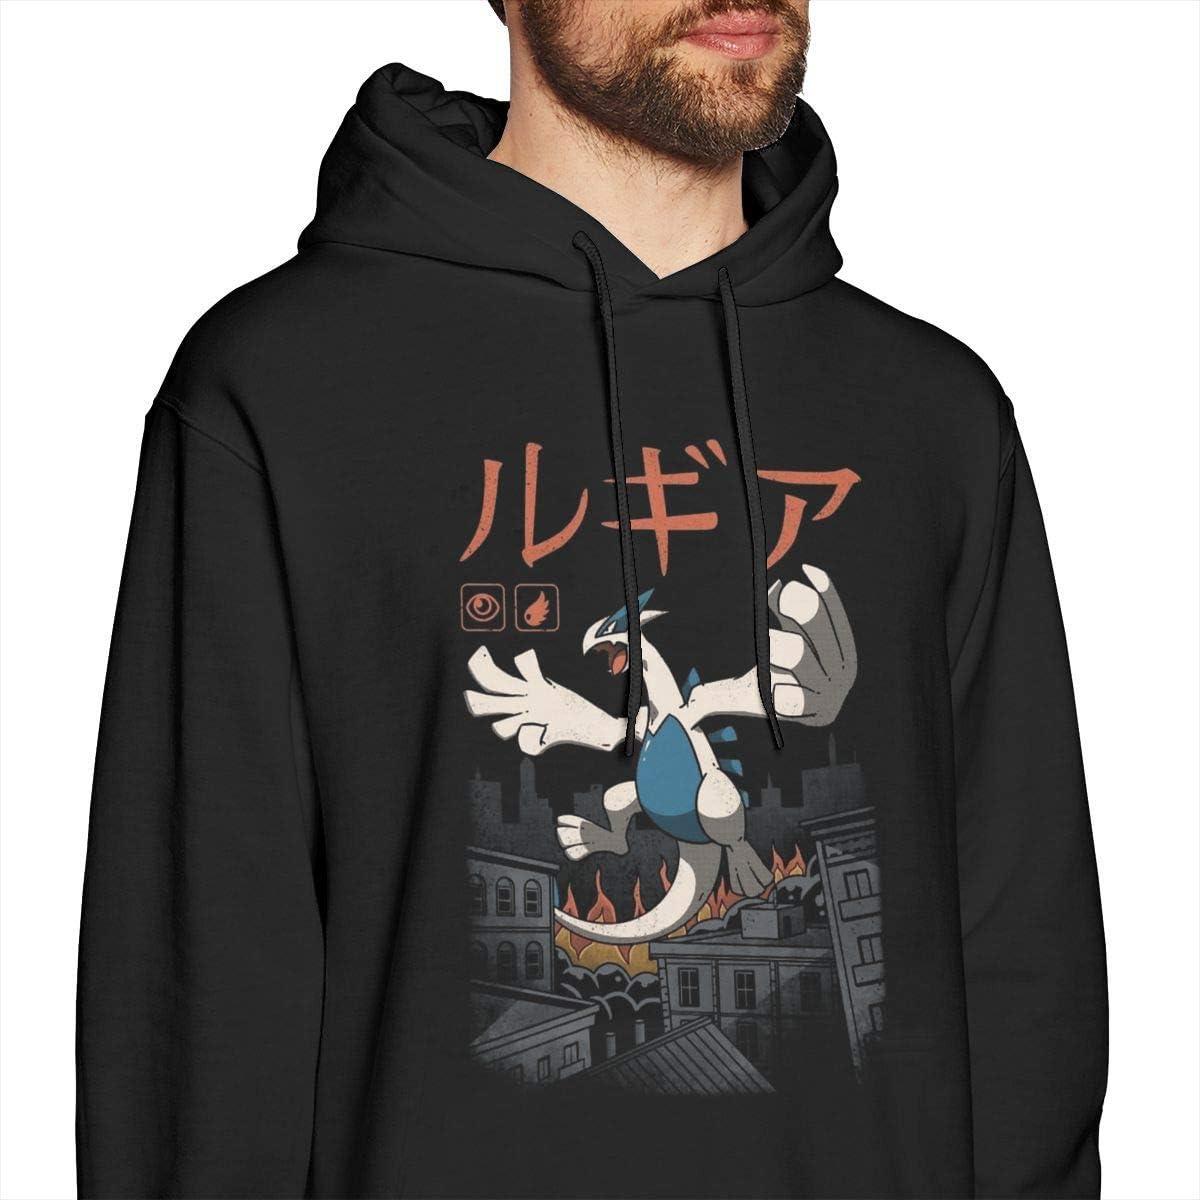 zhkx Poke Venusaurier Gras Kaiju Herren Pullover Hoodies Rundhals-Langarm-Sweatshirt Schwarz Xxx-large|style3